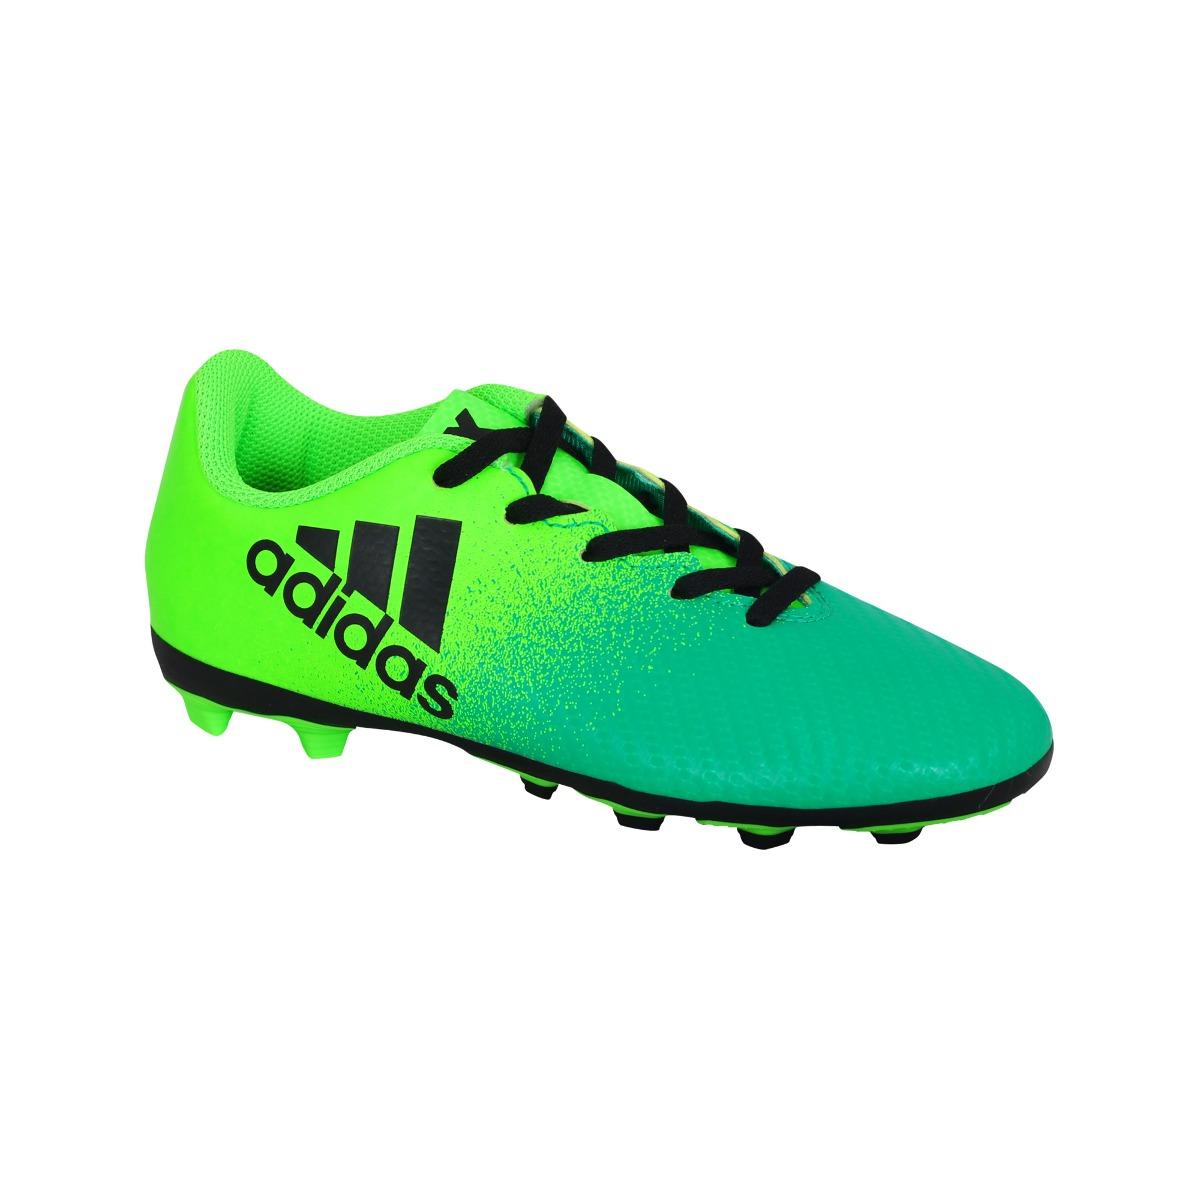 En 099 Futbol Zapato 4 X Libre 1 Niño 16 Verde Adidas Mercado 00 Fg PpwBqzw